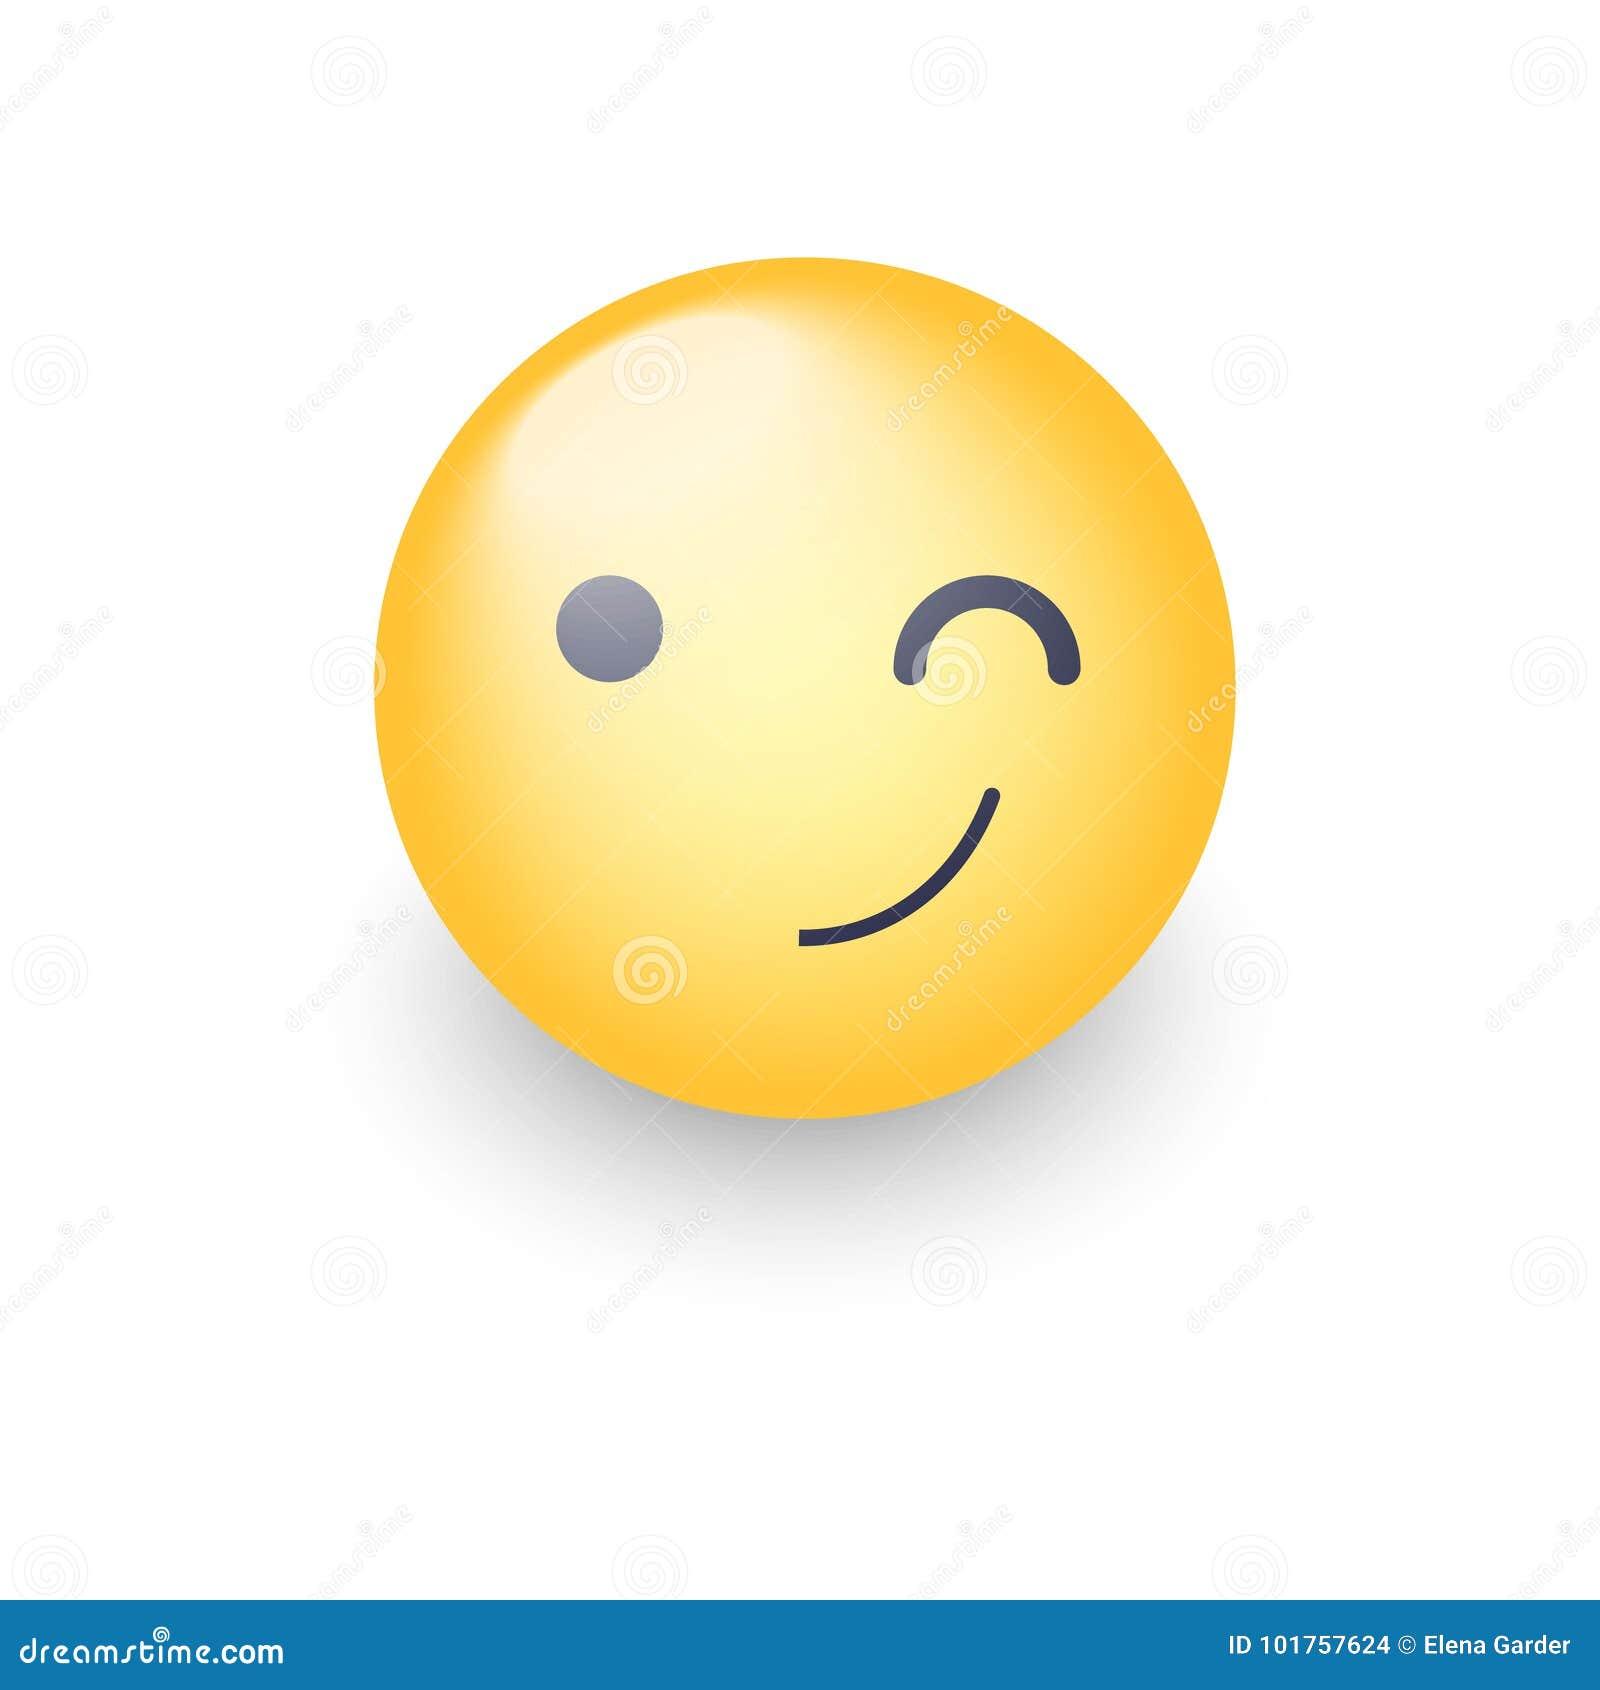 Winking Fun Cartoon Emoji Face  Wink And Smile Happy Vector Emoticon